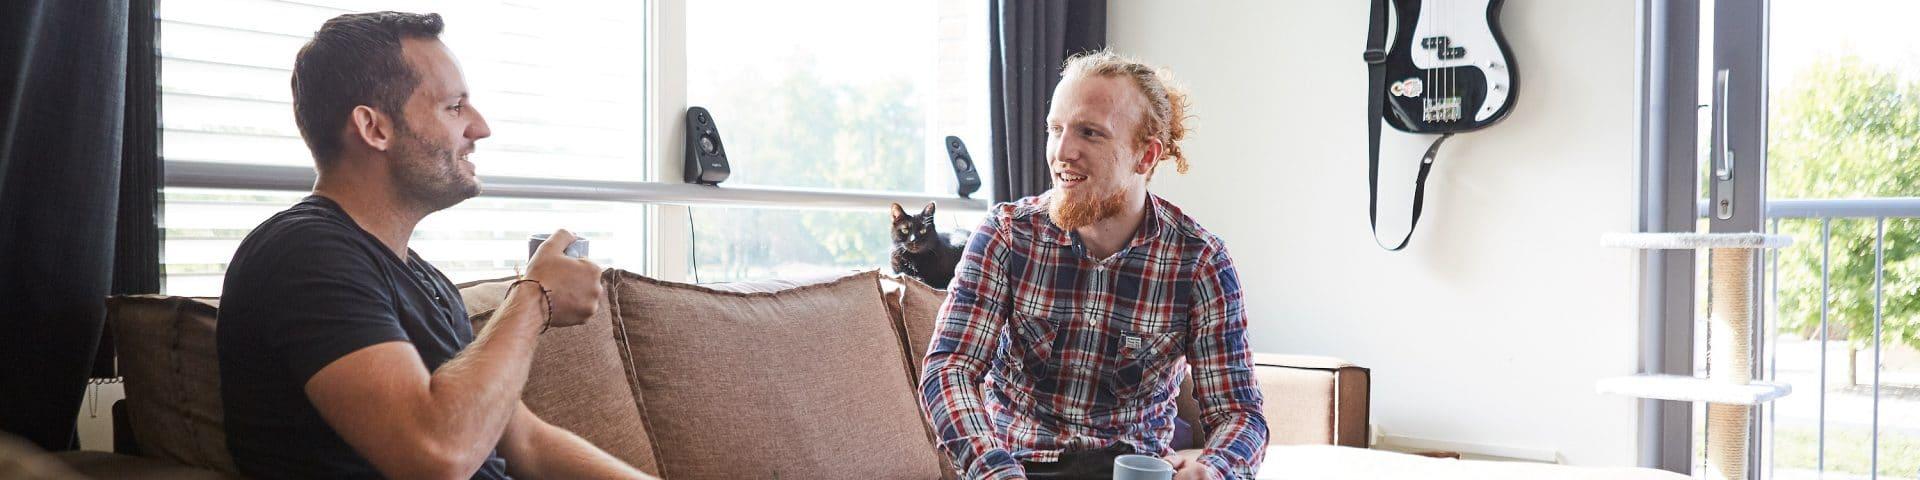 Riwis Zorg & Welzijn